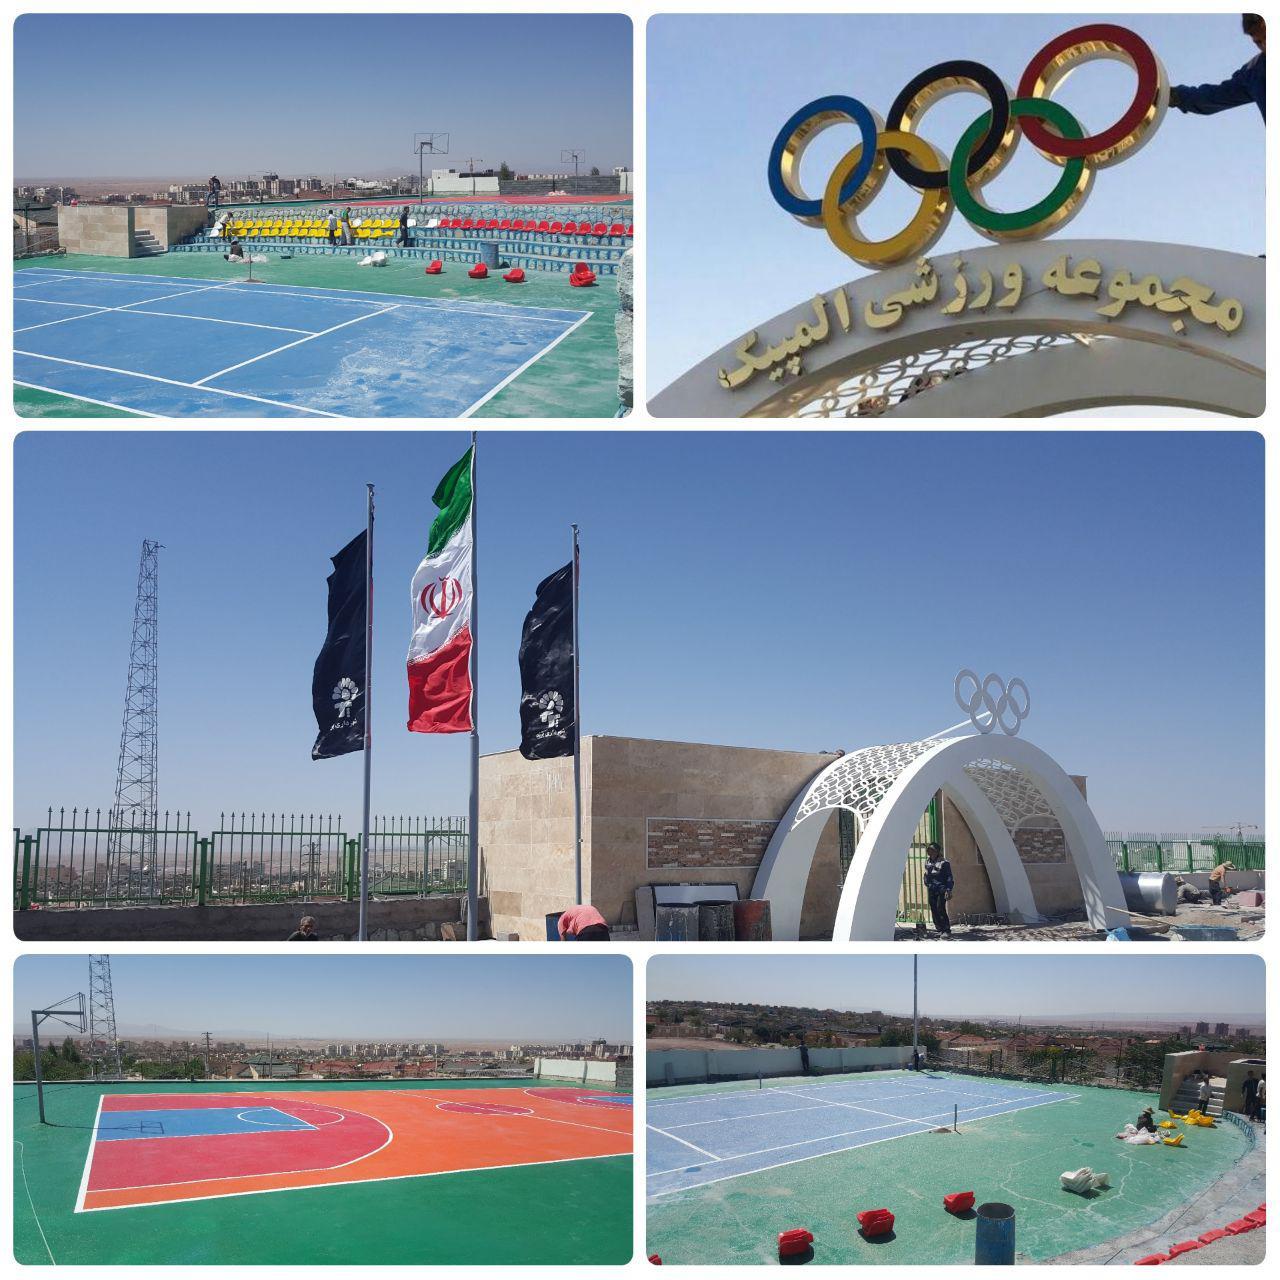 نصب سردر مجموعه ورزشی المپیک شهر پرند